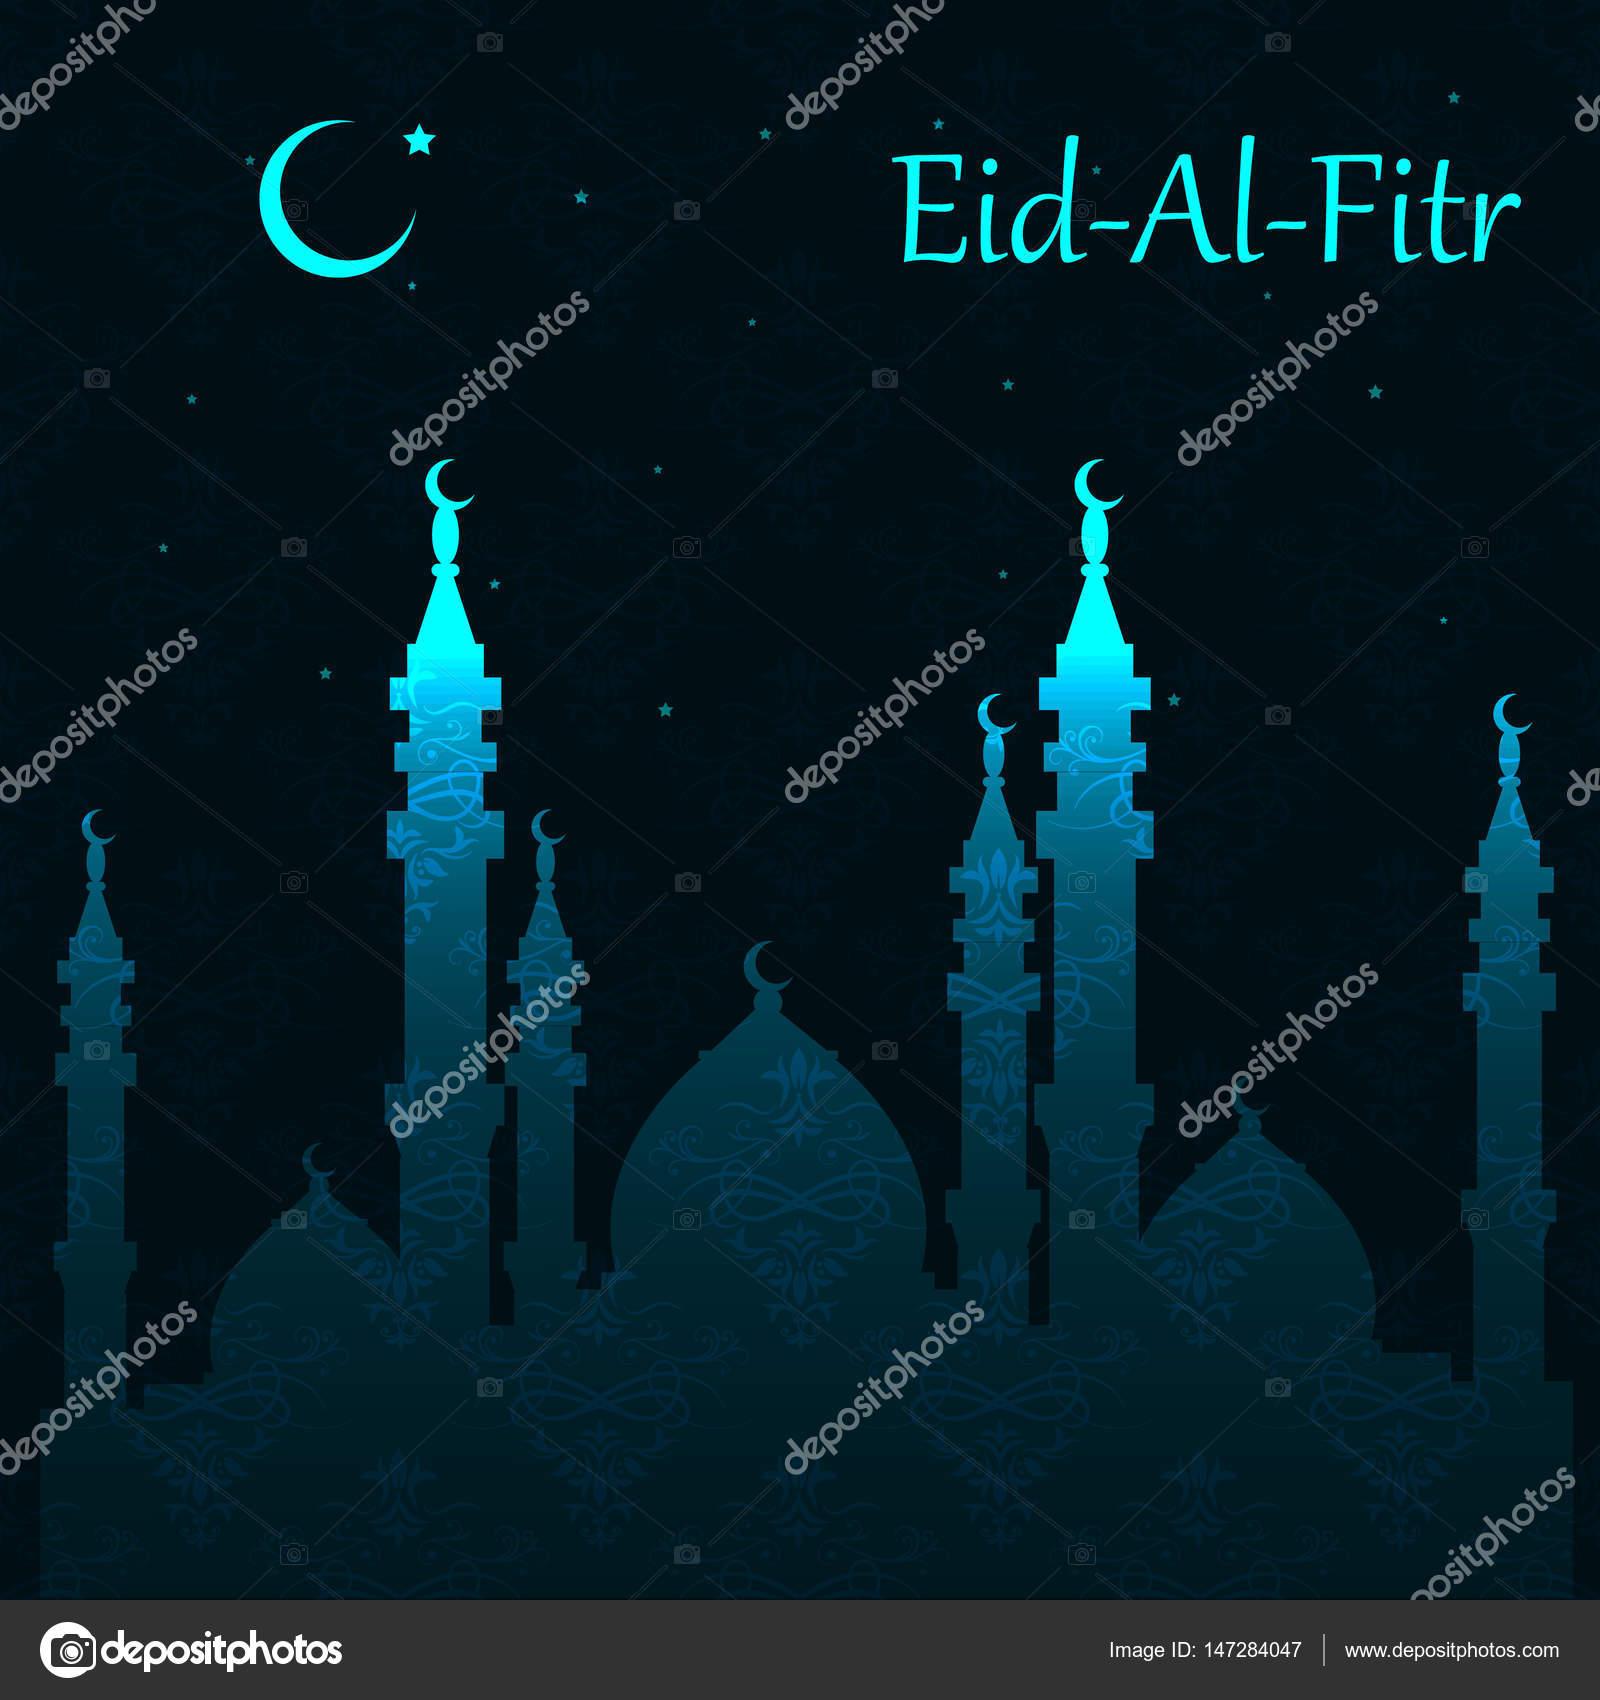 Simple Id Festival Eid Al-Fitr Greeting - depositphotos_147284047-stock-illustration-muslim-community-festival-eid-al  Image_835847 .jpg